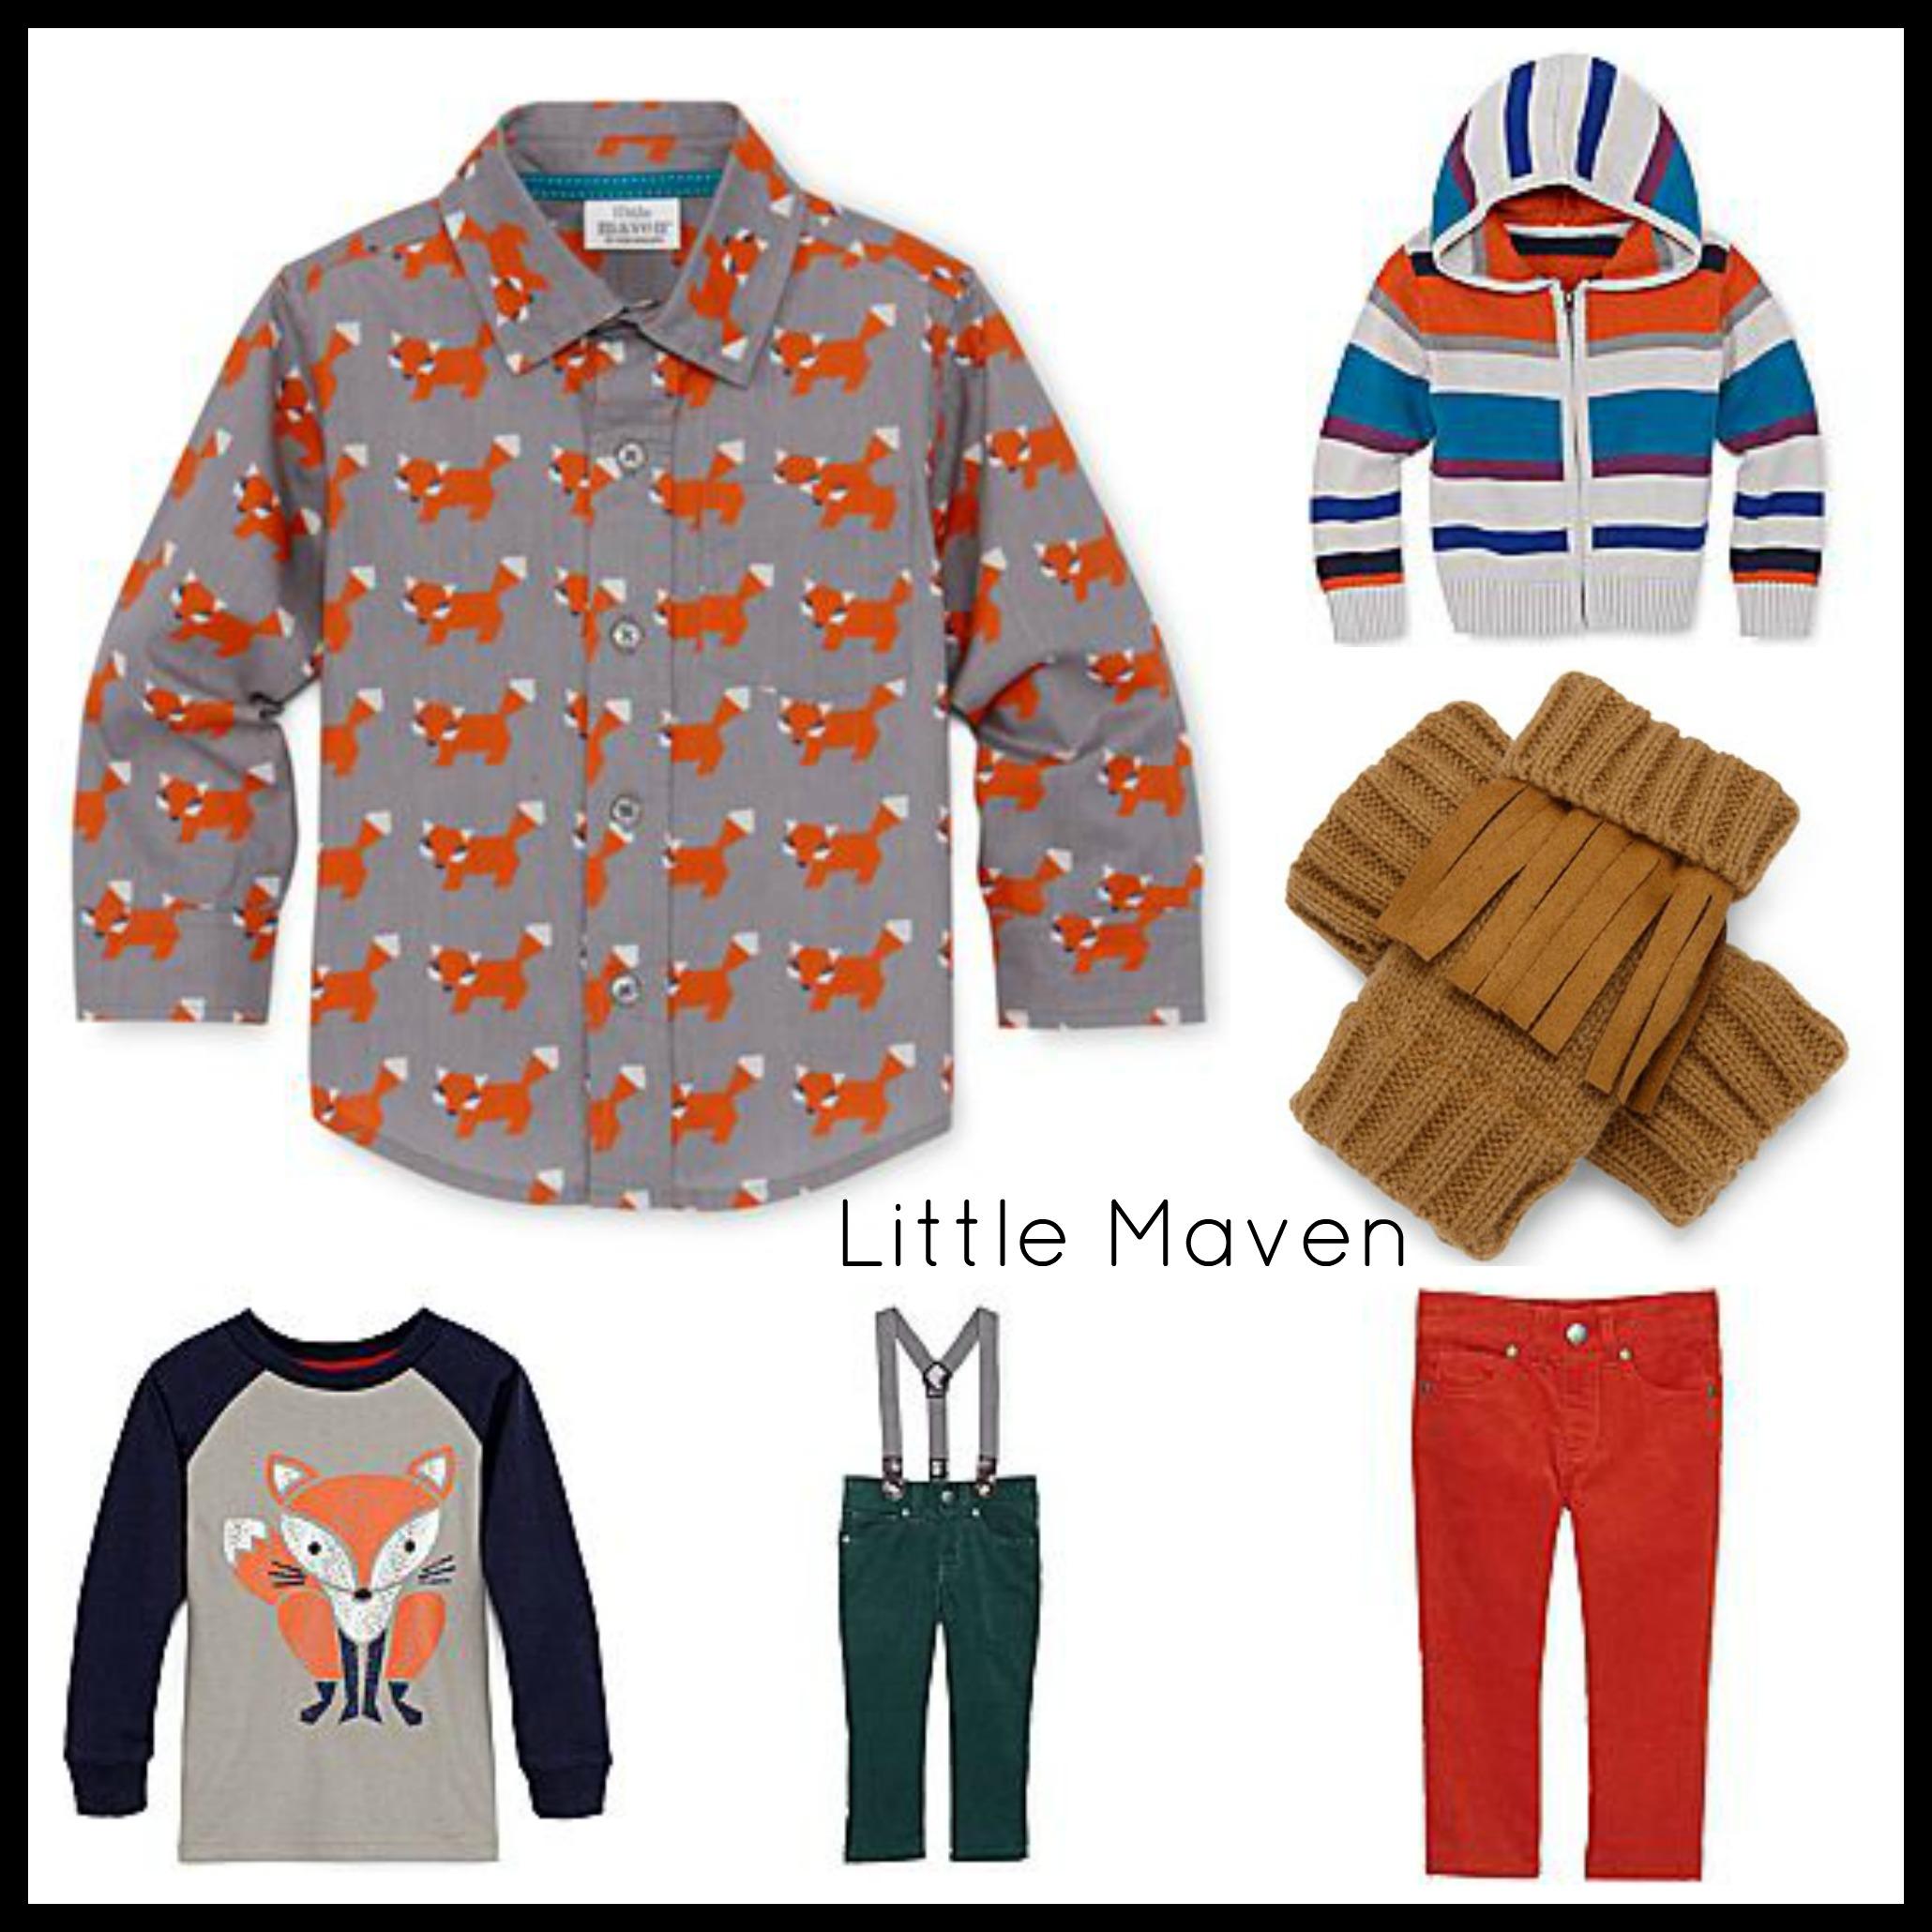 littlemaven